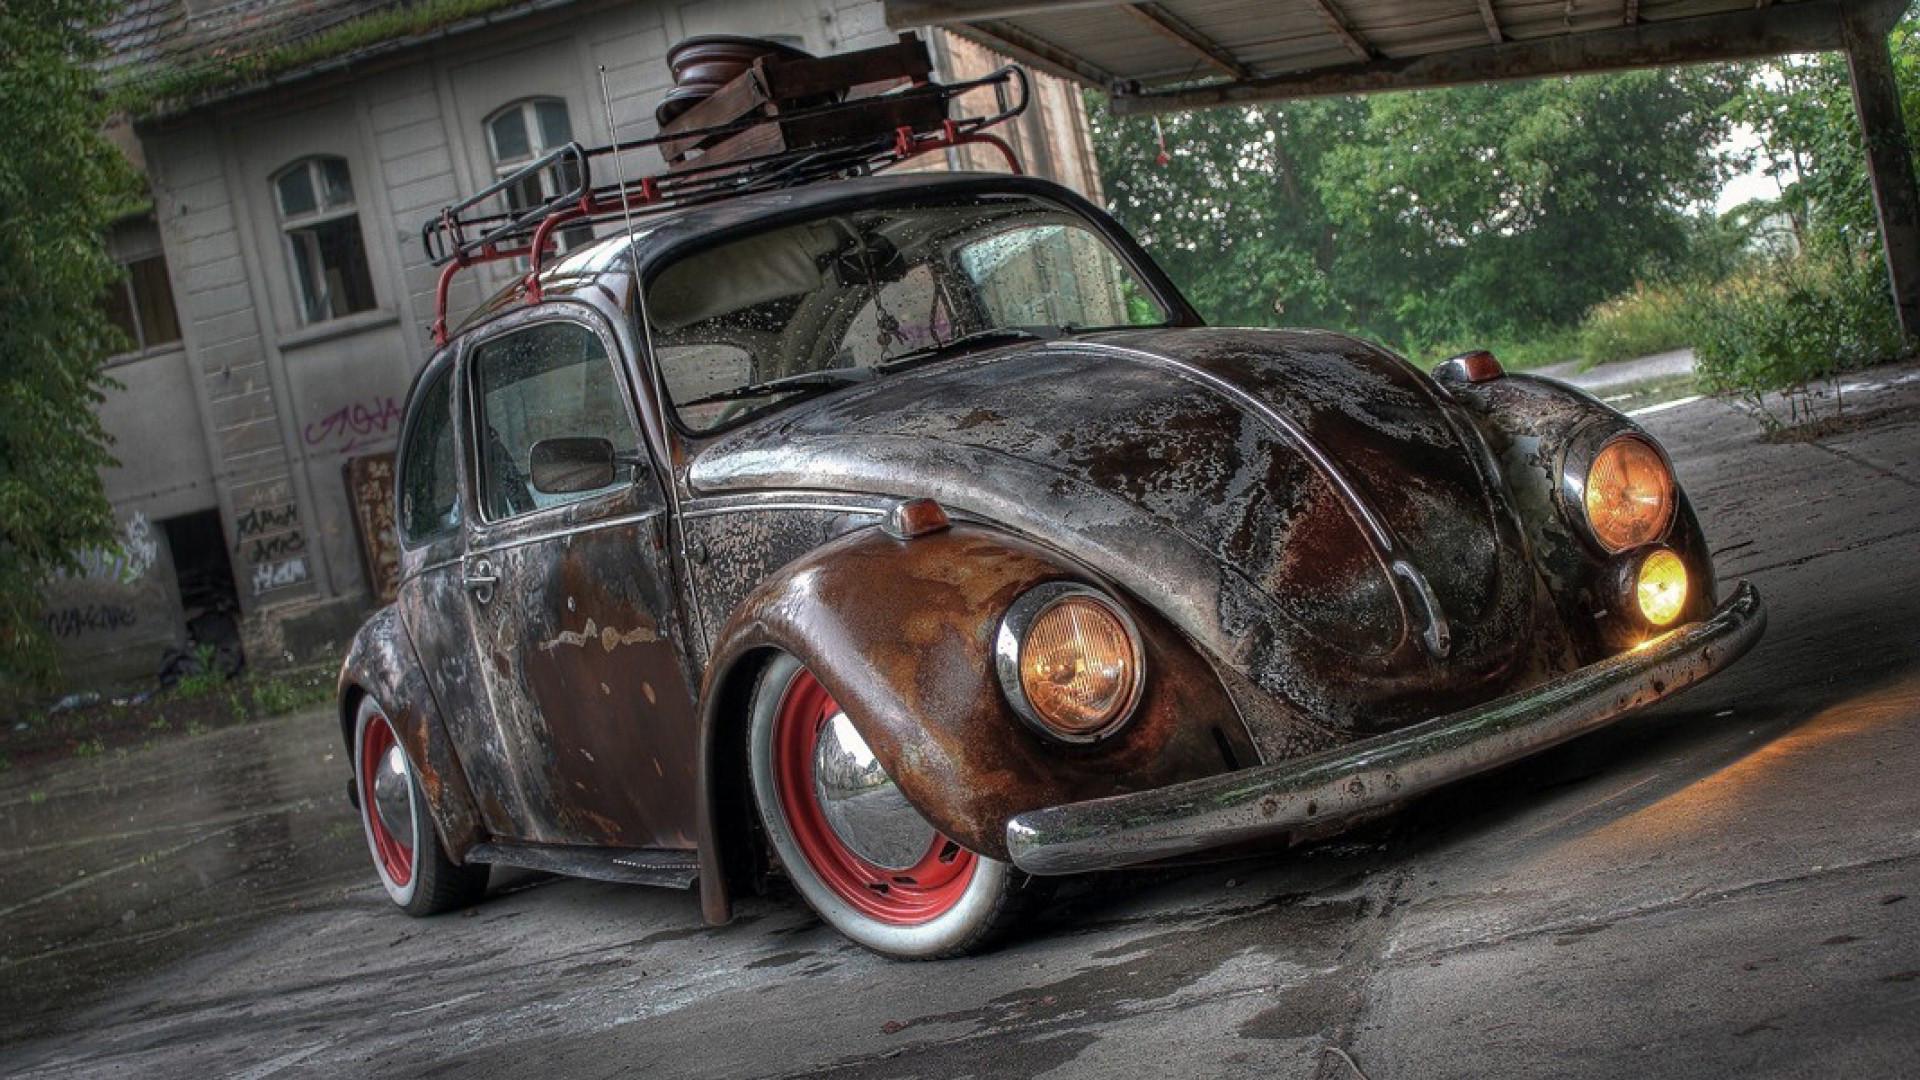 Rusted Volkswagen Beetle Wallpapers